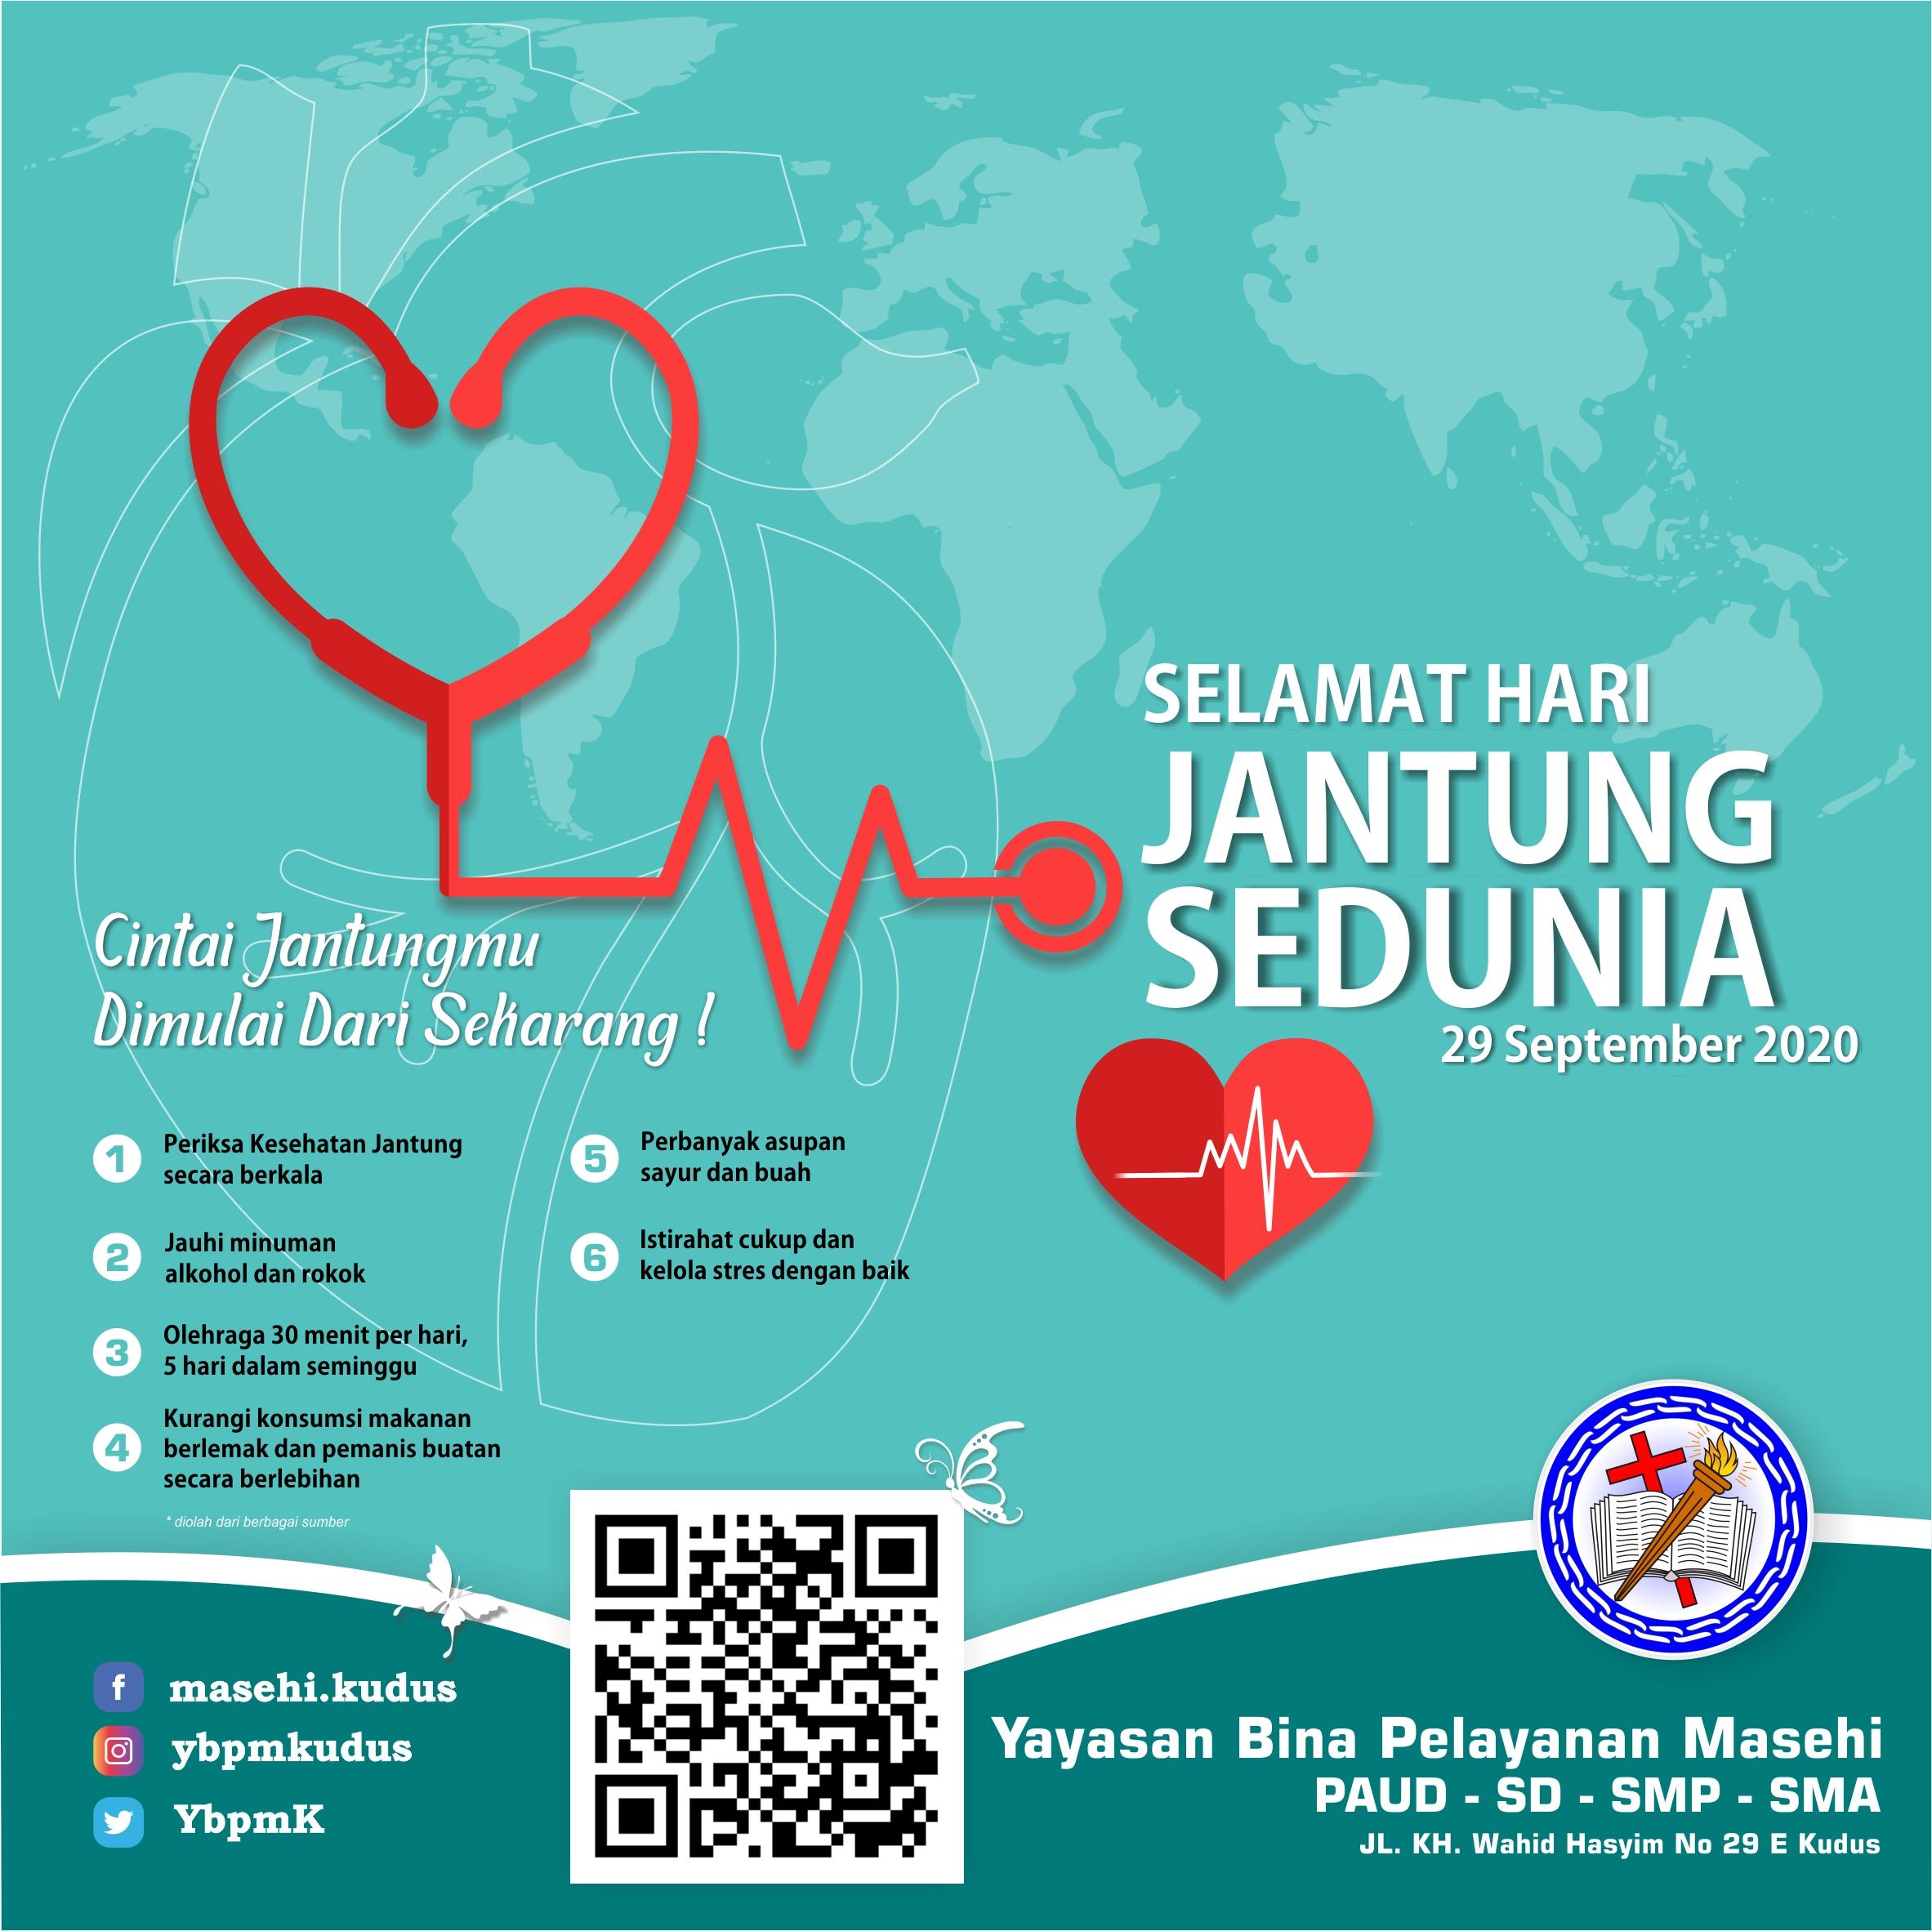 Selamat Hari Jantung Sedunia